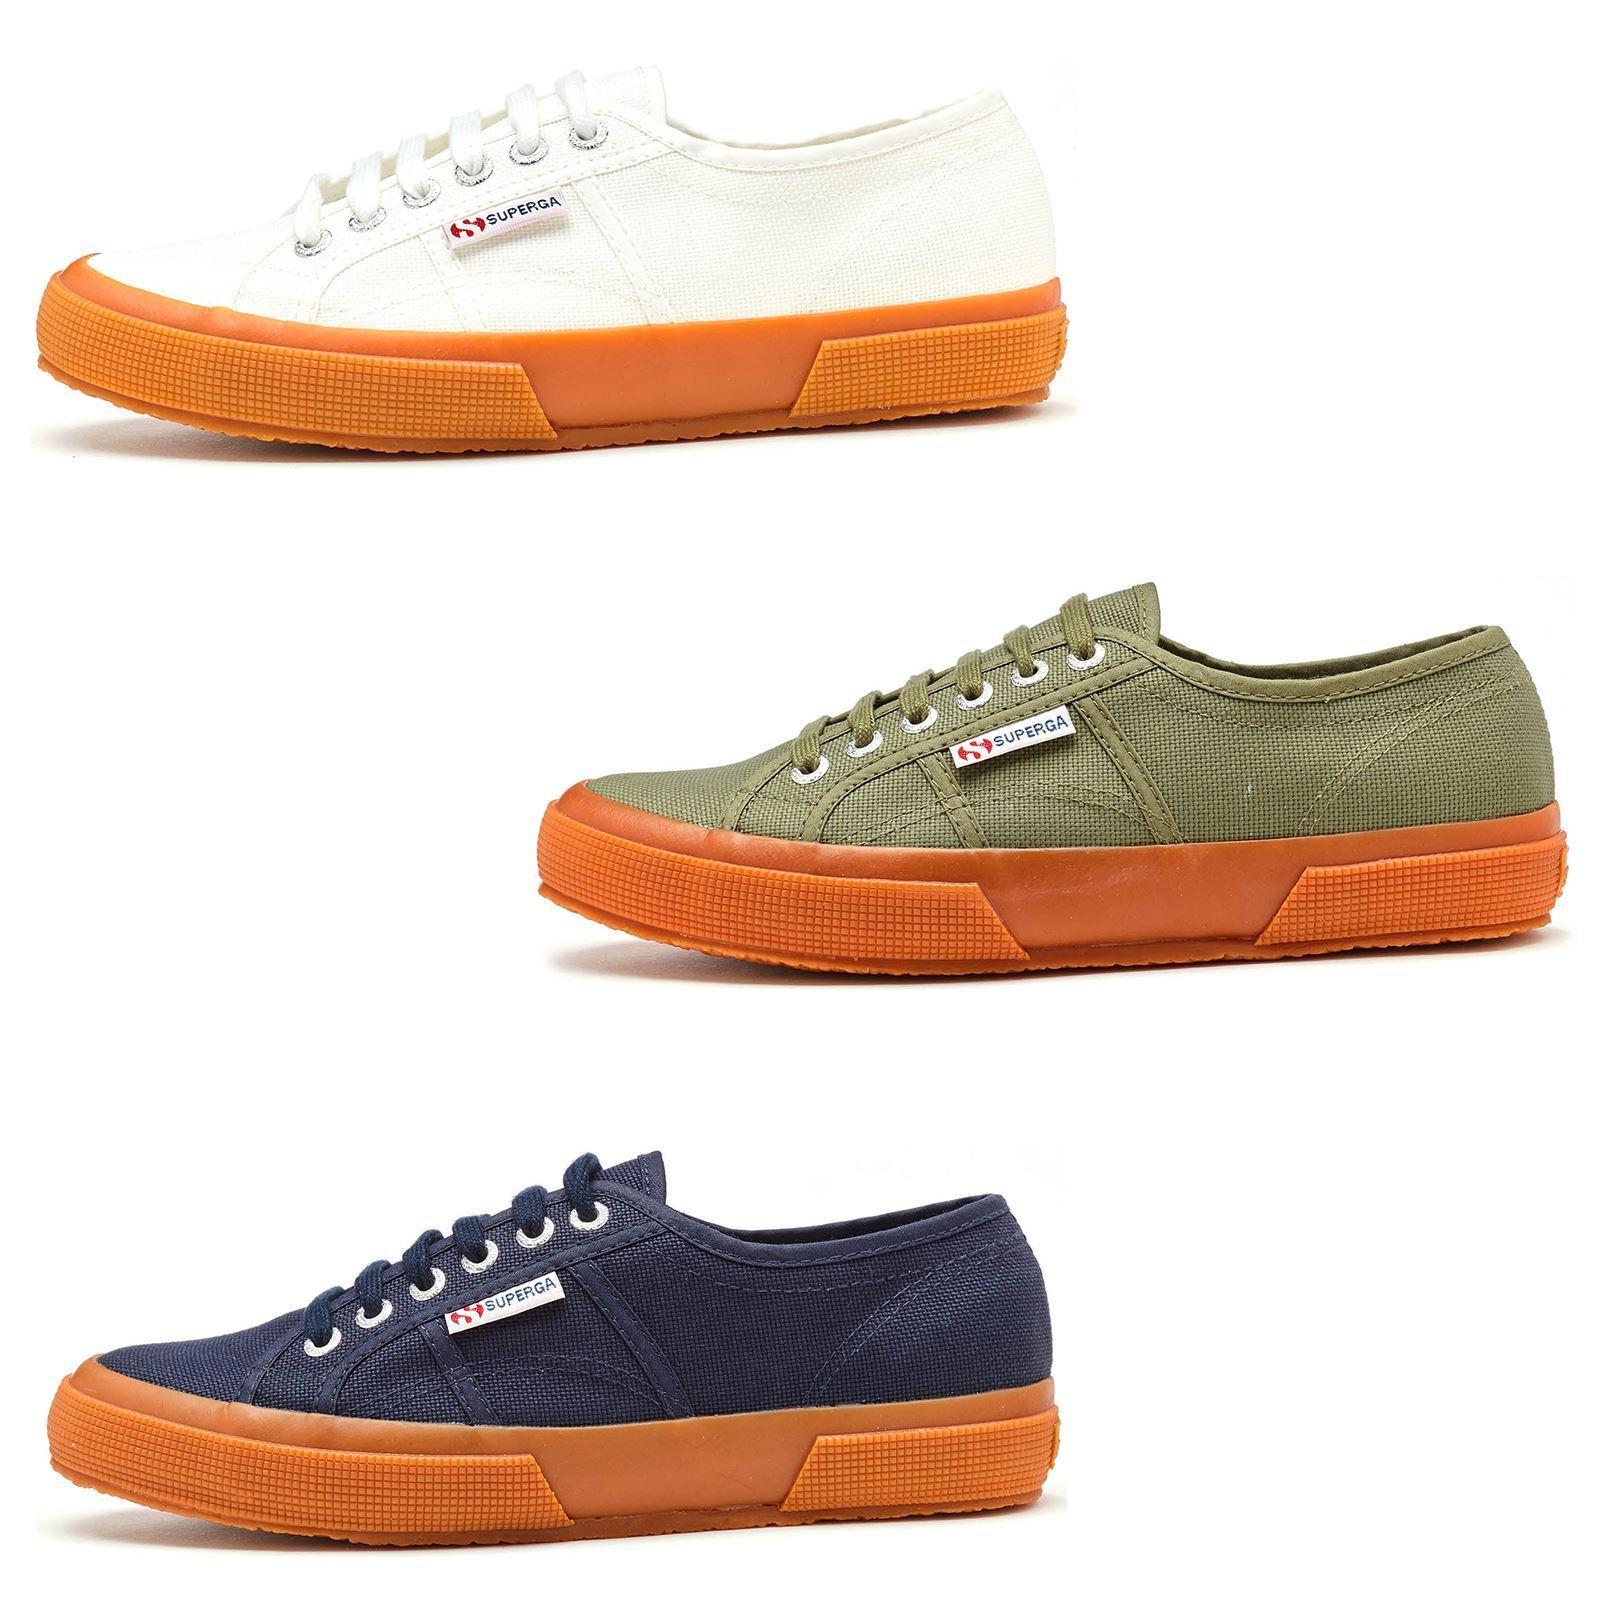 Superga 2750 Cotu Classic Canvas Gum Schuhes in WEISS, Blau & Green in All Größes